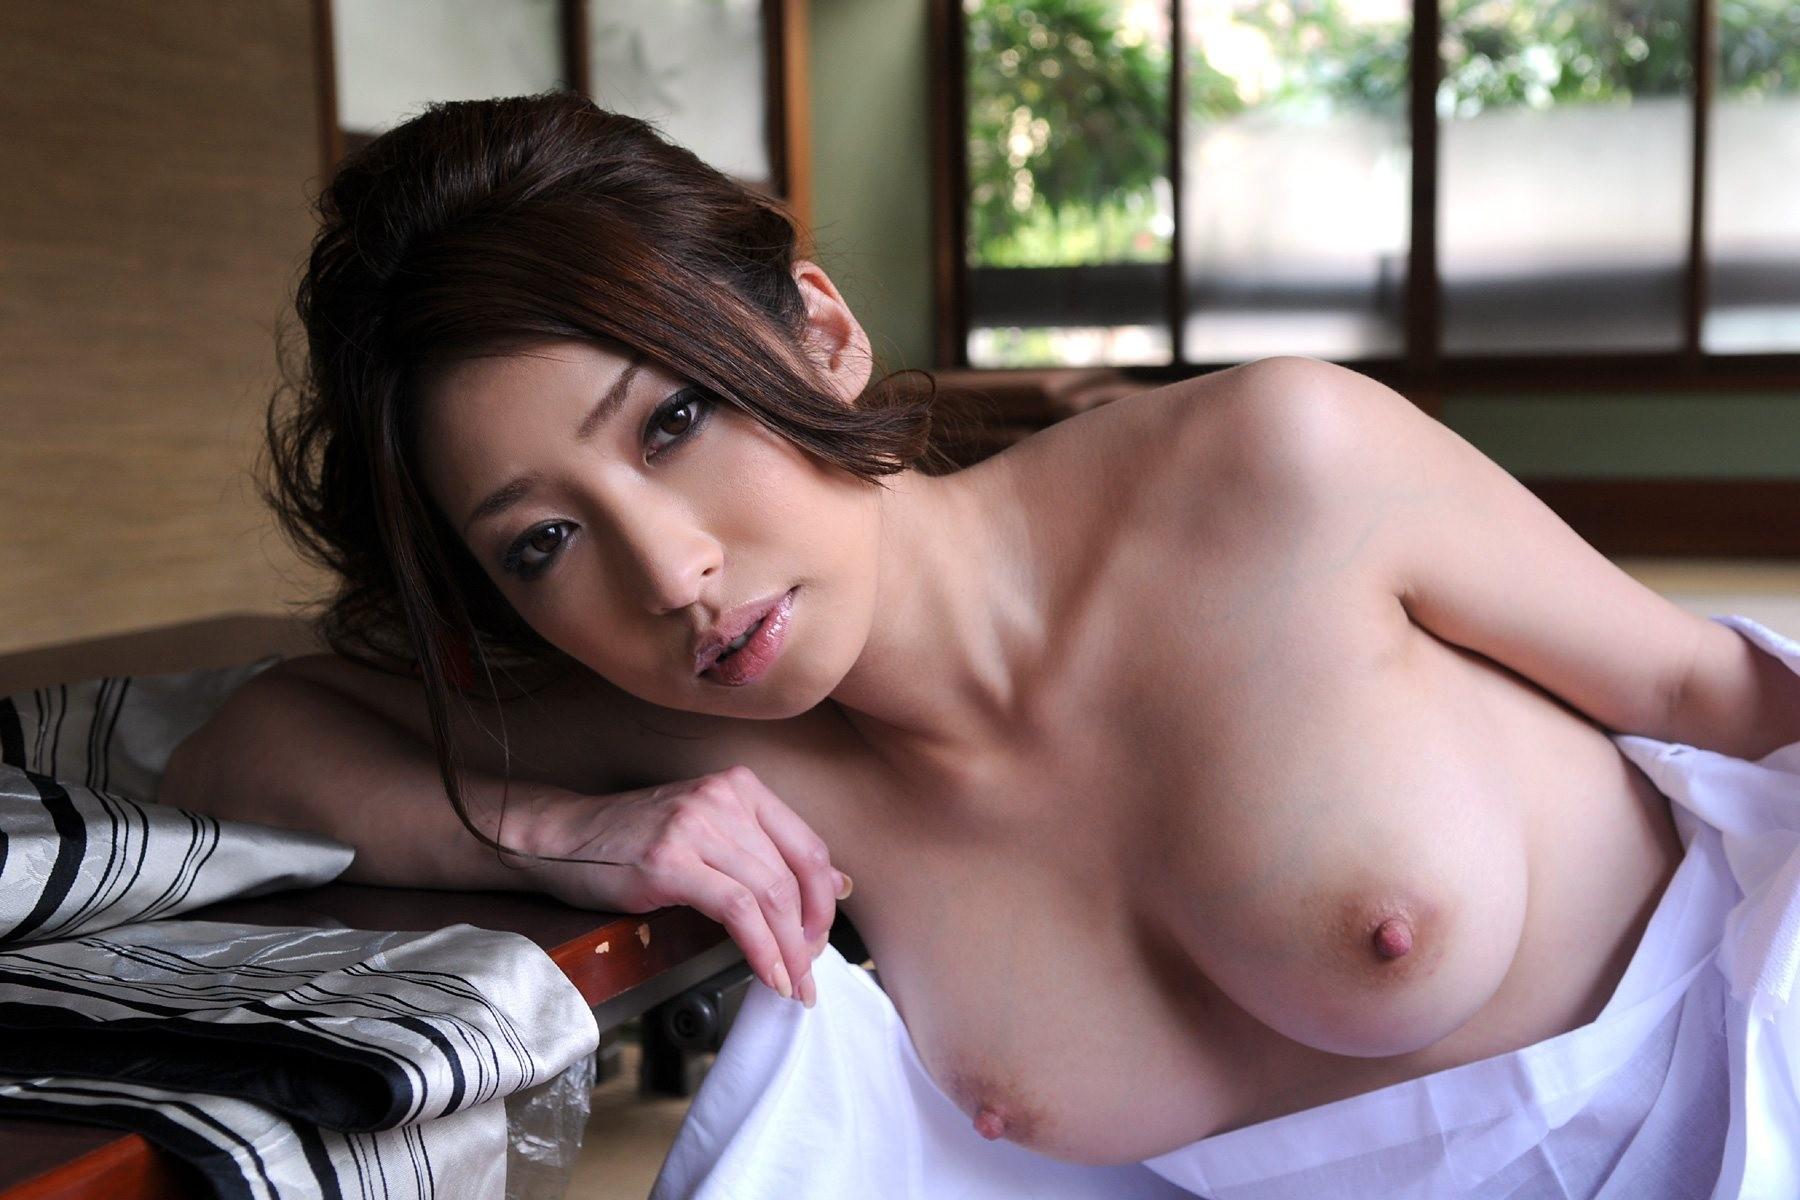 【和服エロ画像】妖艶さを感じずにはいられない脱ぎたての浴衣美人(;´Д`)